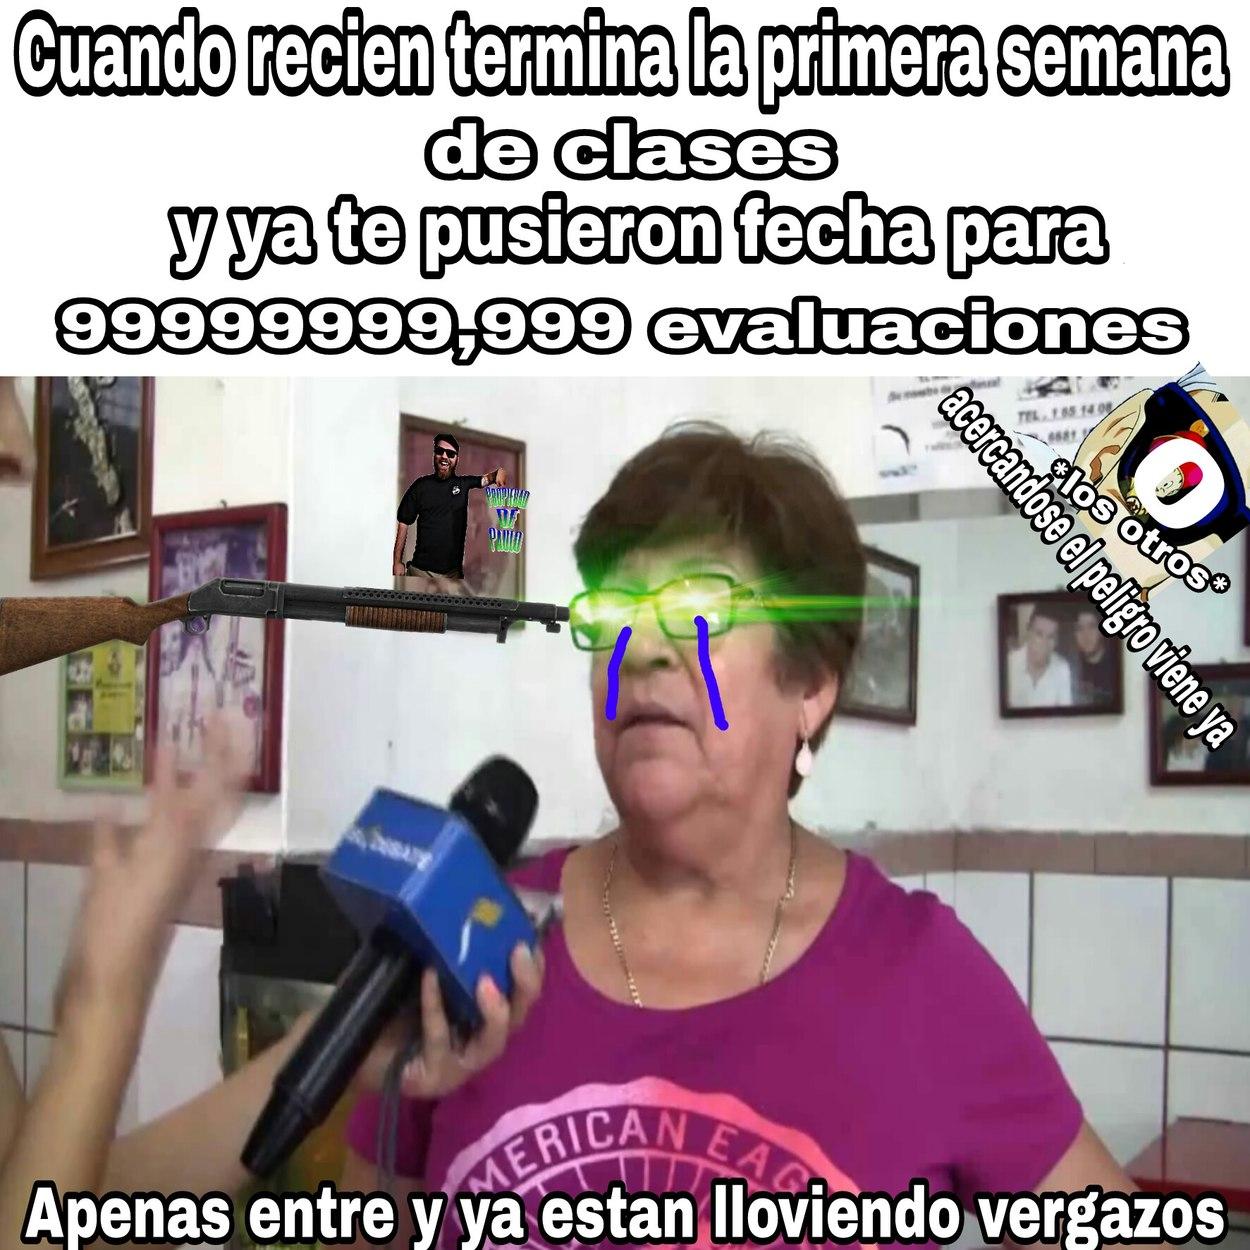 A la wea - meme